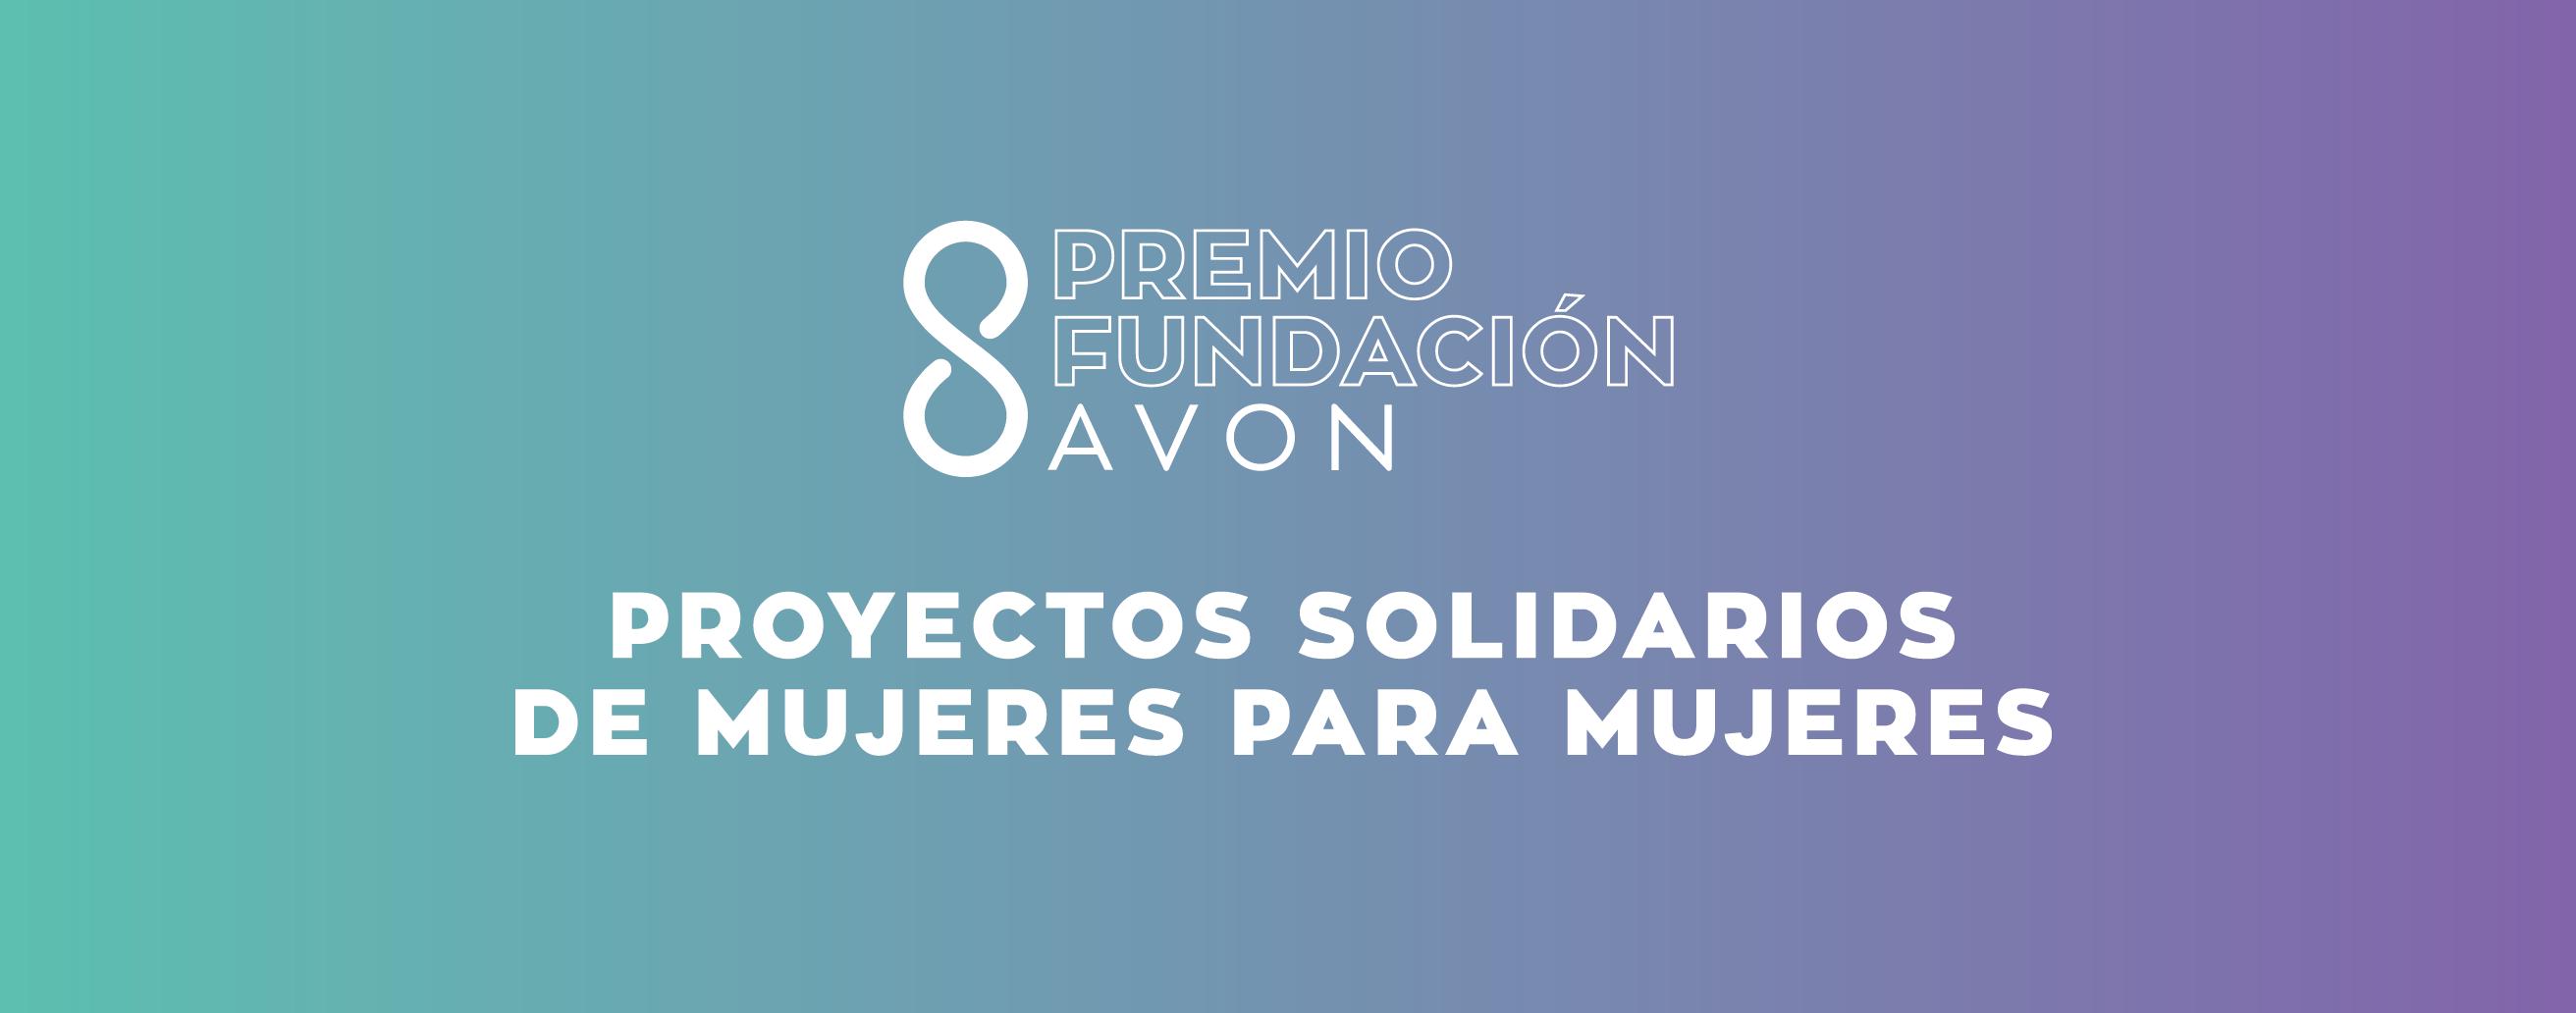 Premio Fundación Avon